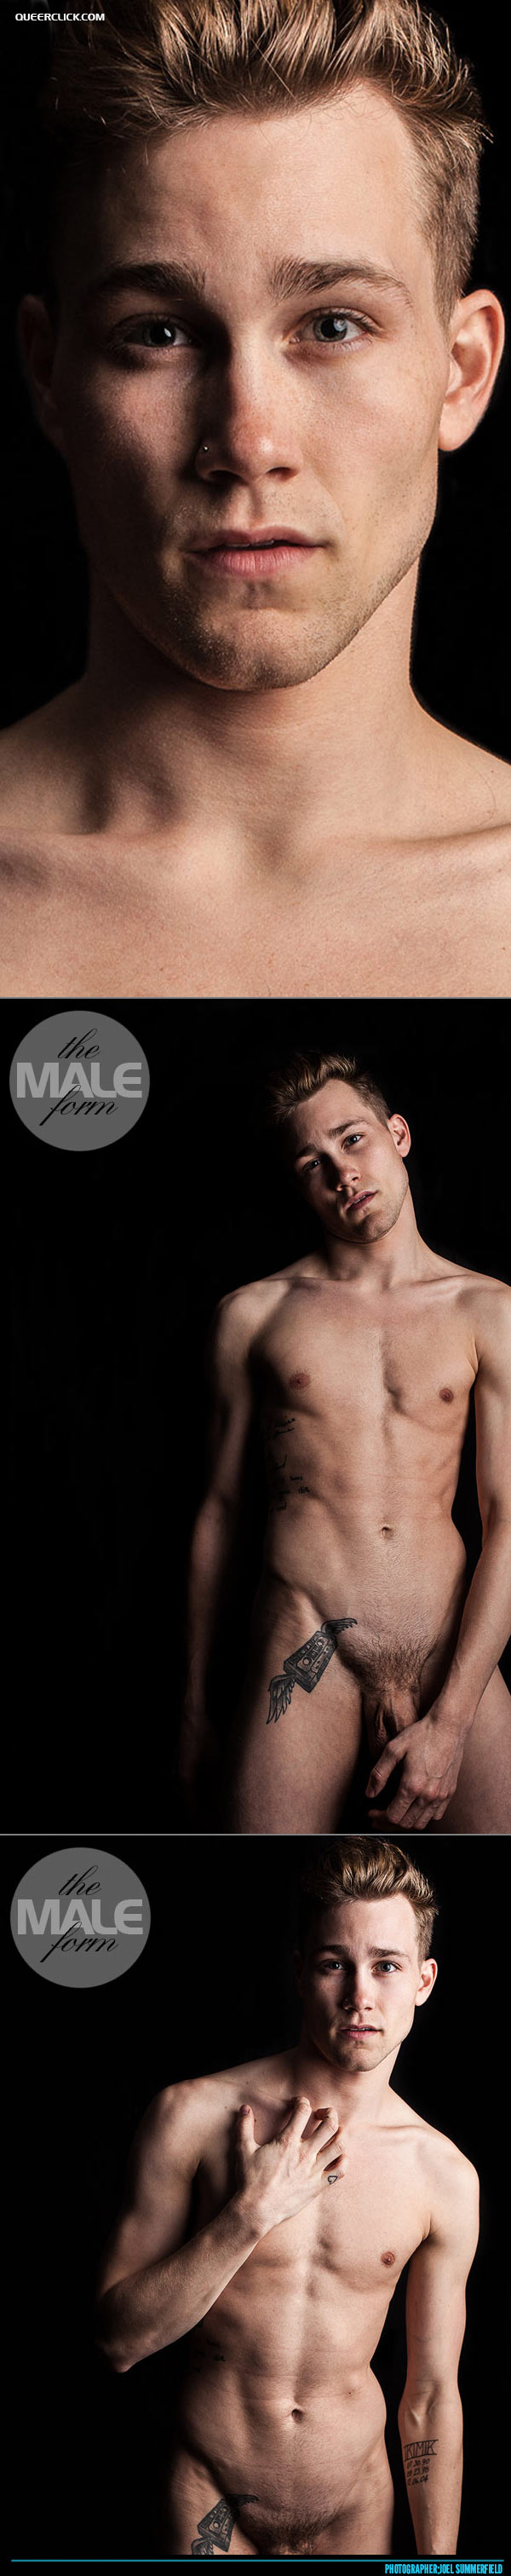 Queerclick michael levis desnuda